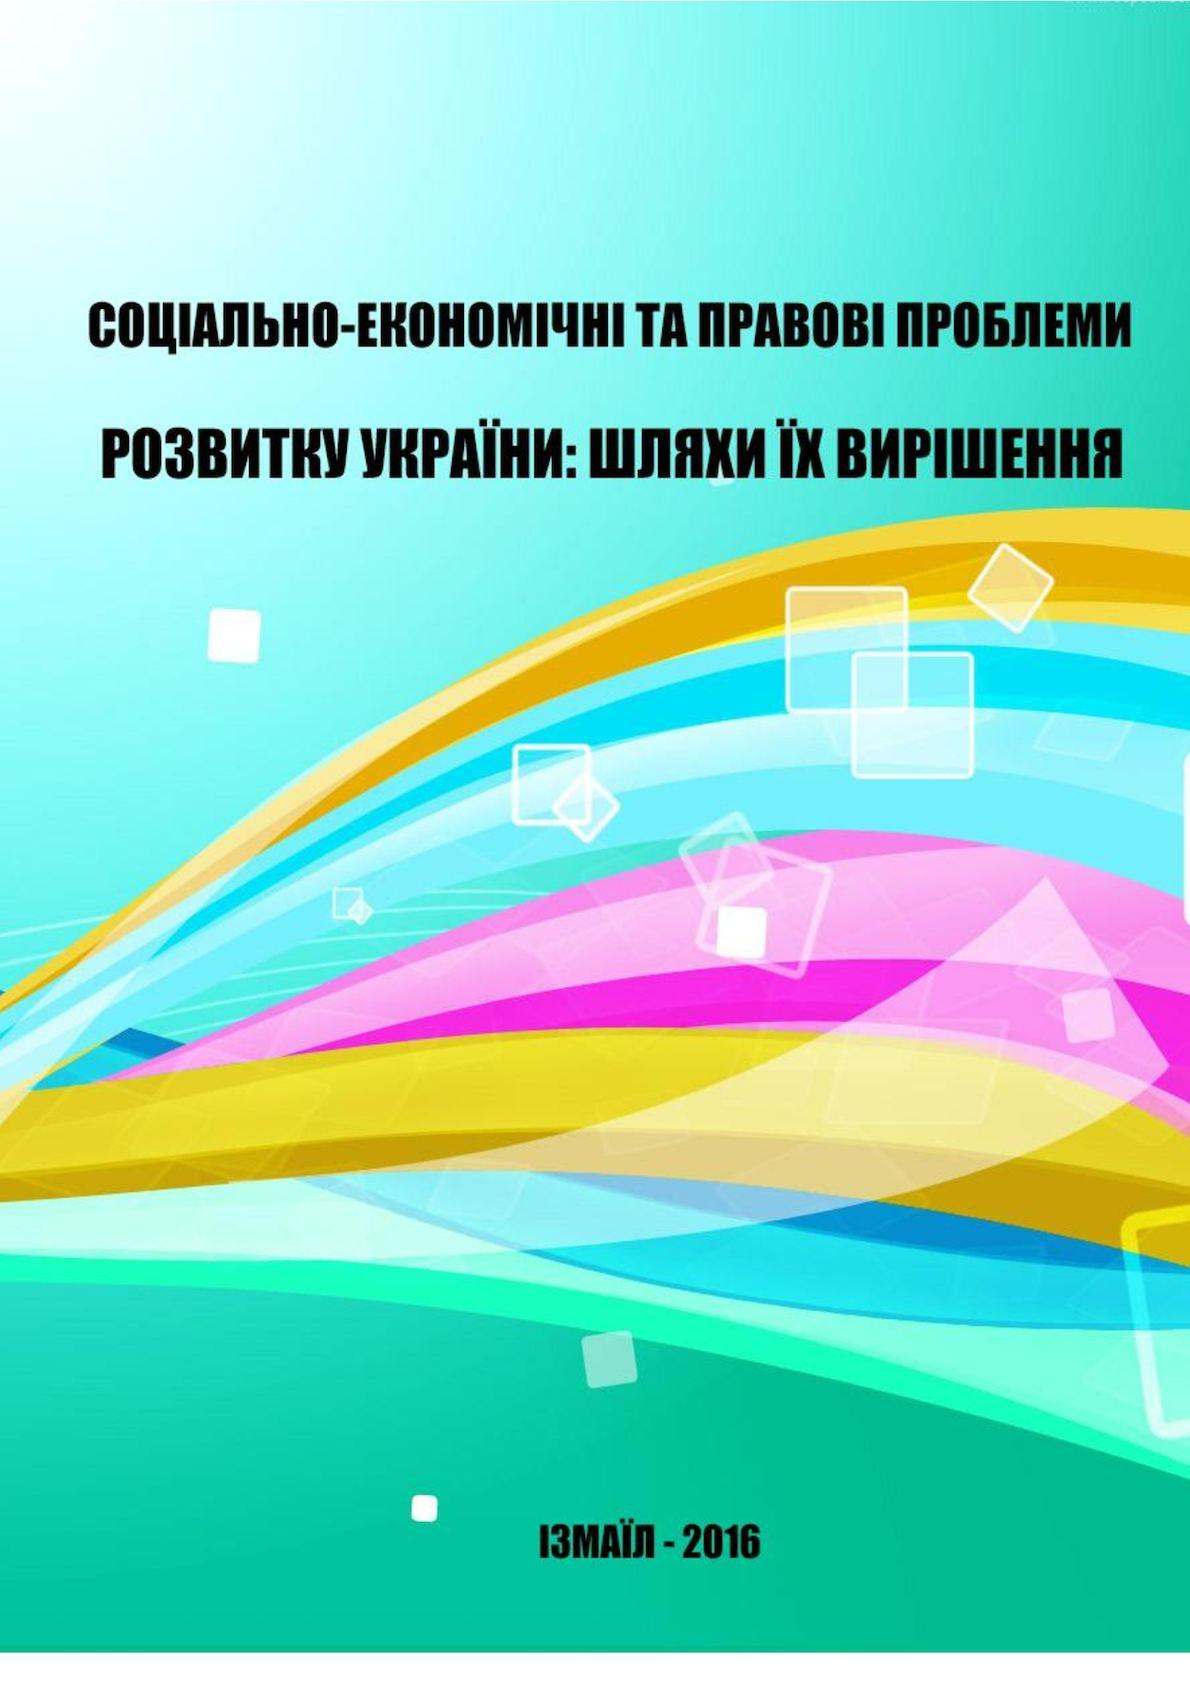 Calaméo - Соціально-економічні та правові проблеми розвитку України  шляхи  їх вирішення 3daae29dc714d